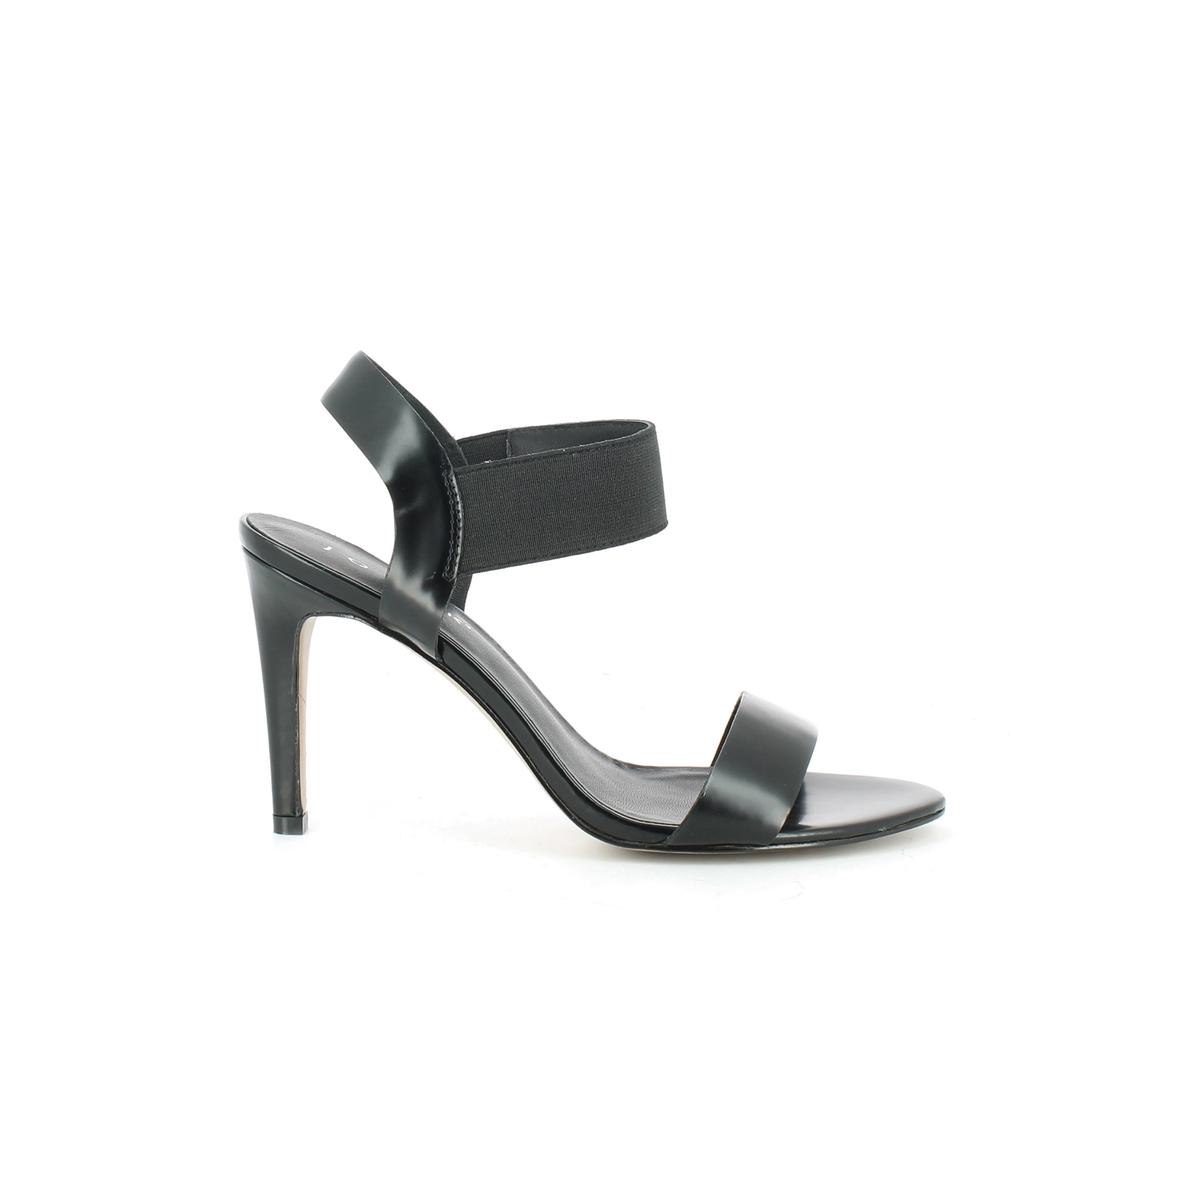 Босоножки кожаные на высоком каблукеЖенственная и утонченная форма, эластичный ремешок для надежного крепления, высокий тонкий каблук : сандалии Jonak сочетаются с любой летней одеждой для прогулок и вечеринок!<br><br>Цвет: черный<br>Размер: 37